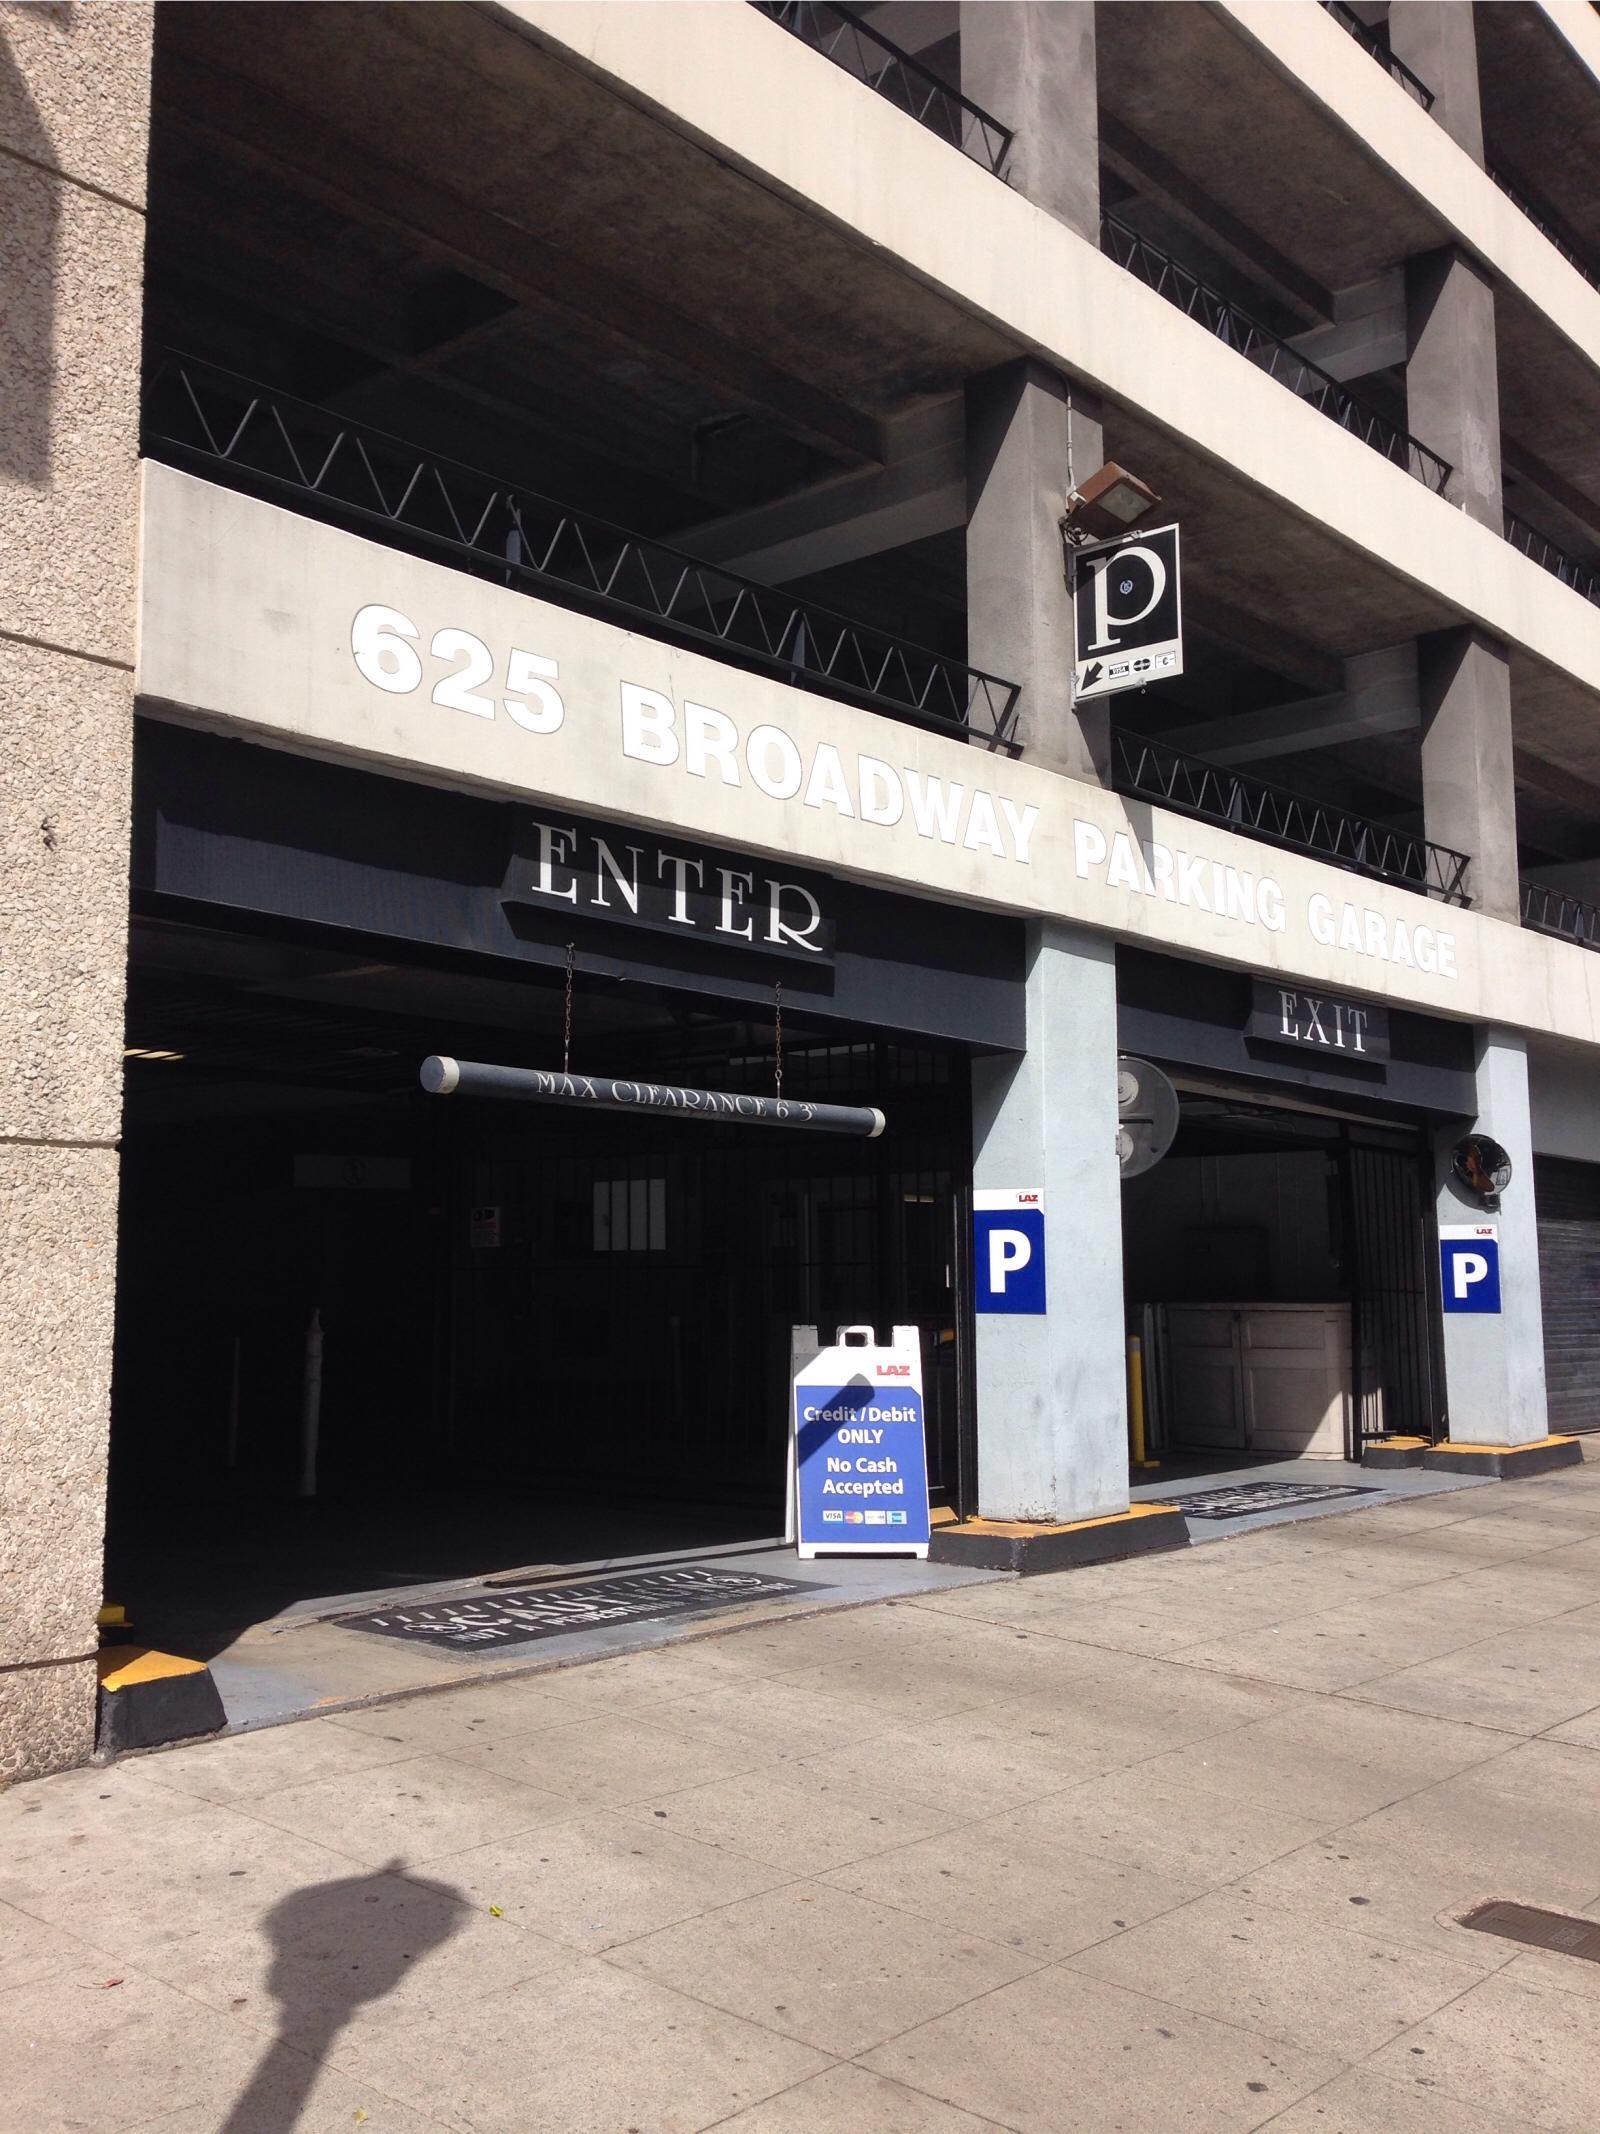 625 Broadway Parking Garage  Parking In San Diego  Parkme. Lubbock Online Garage Sale. Wine Room Doors. Cheap Garages For Sale. Doormaster Garage Door Opener. Home Depot Double Doors. Shelf For Garage. Denver Garage Door. Clearview Windows And Doors